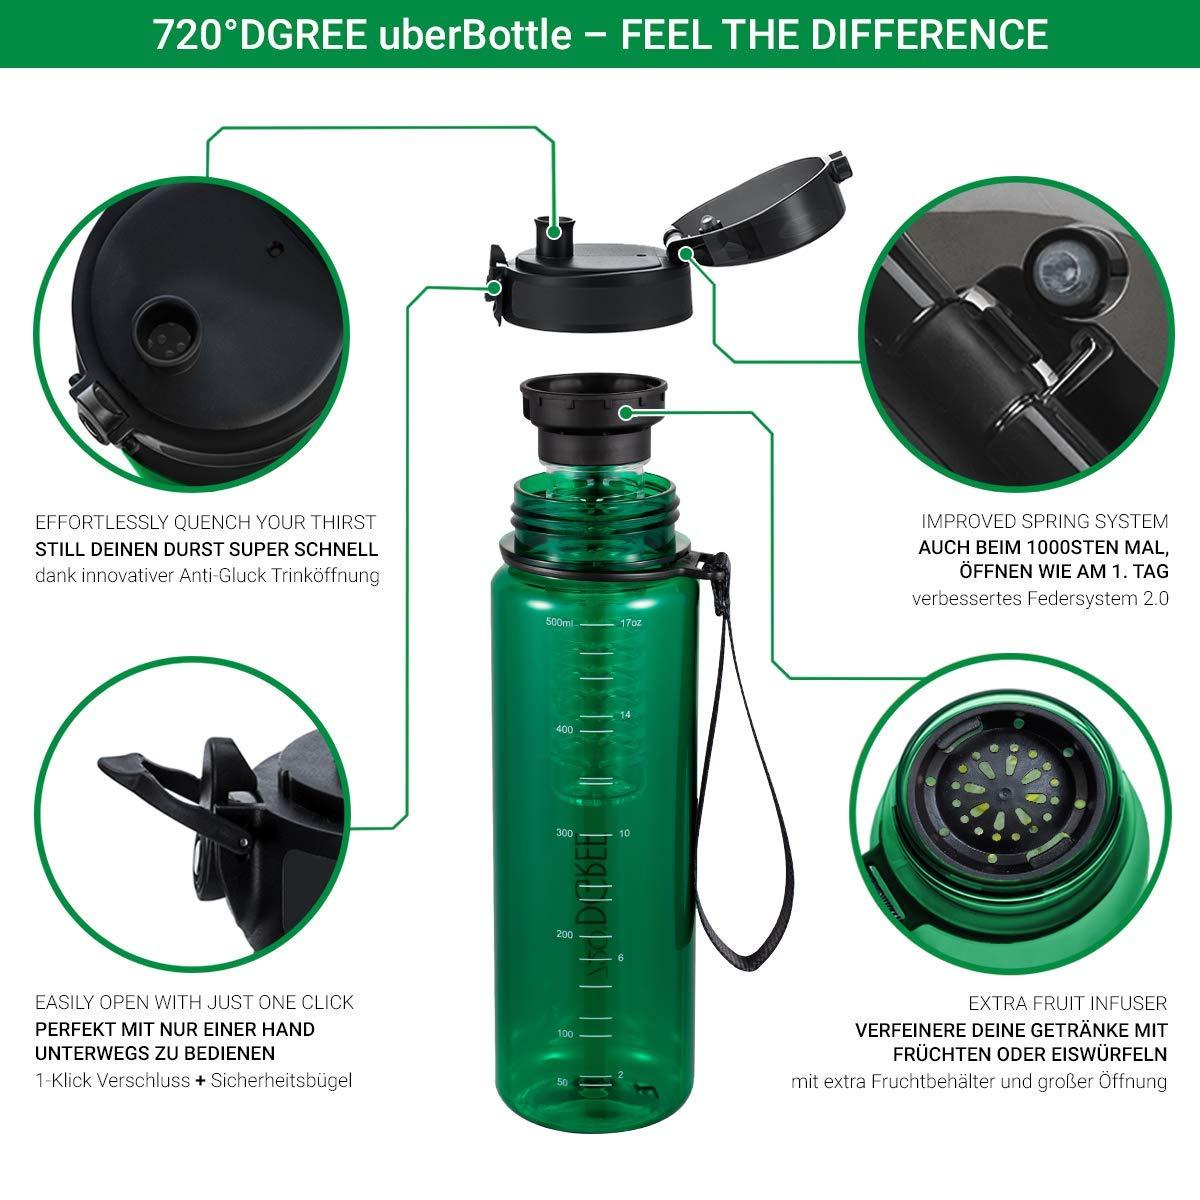 """500ml con Inserto de Fruta Escuela Deporte Sin BPA 720/°DGREE Botella de Agua /""""uberBottle/"""" Impermeable y Reutilizable para Beber Ideal para ni/ños"""